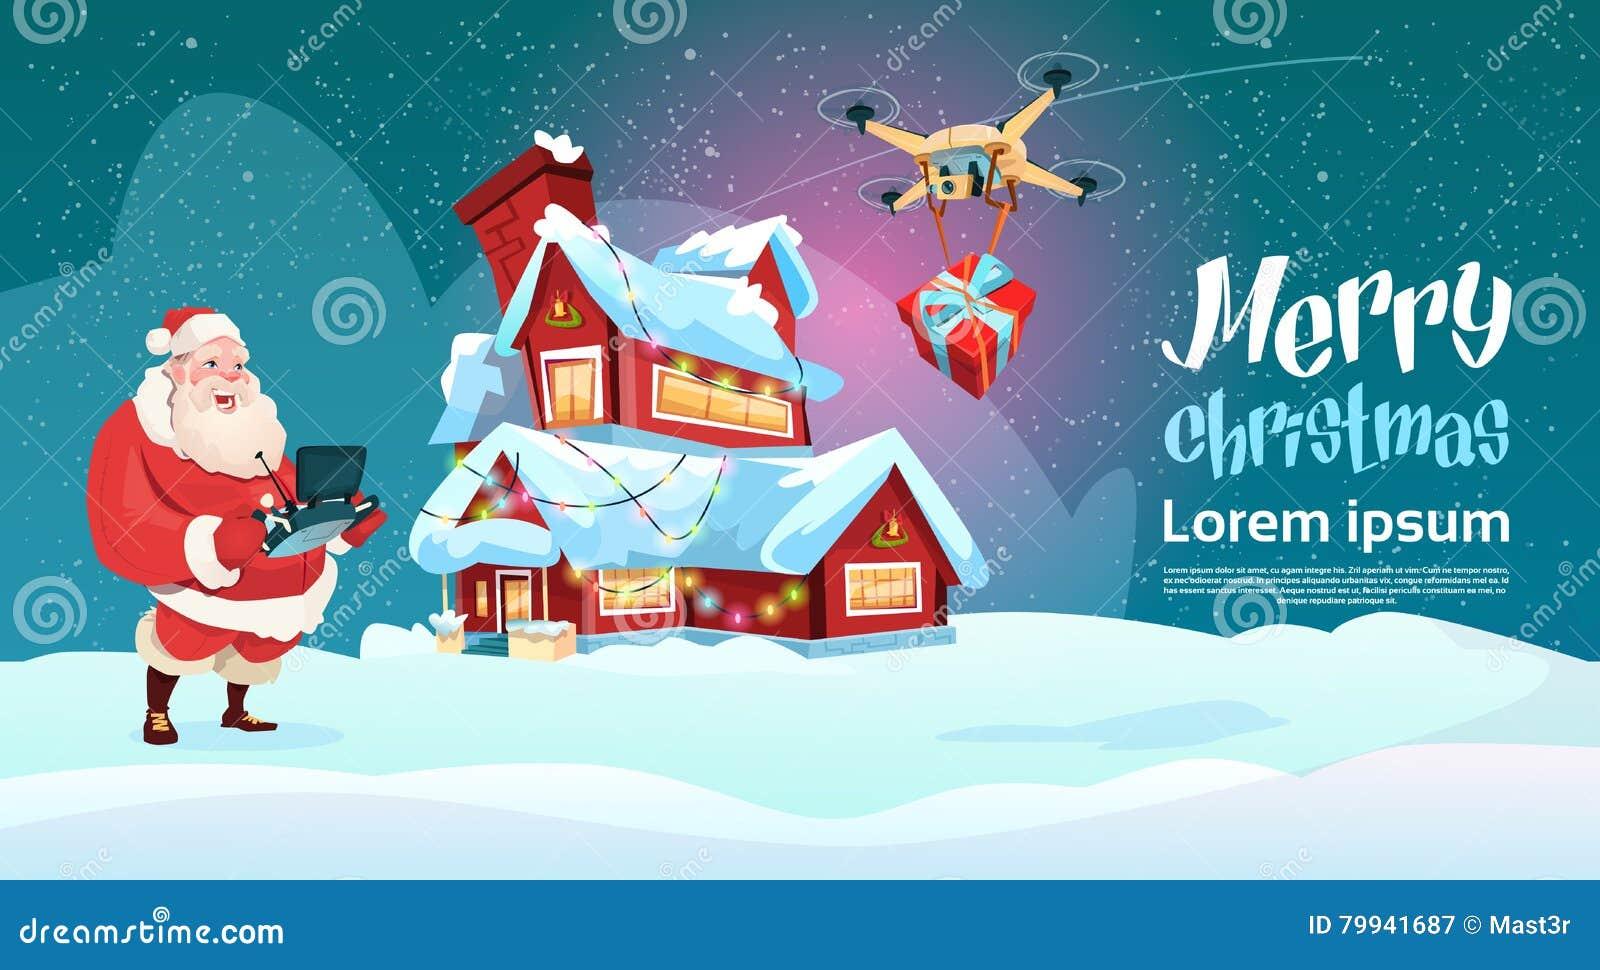 Presente da entrega de Santa Claus Hold Remove Controller Drone, feriado do Natal do ano novo